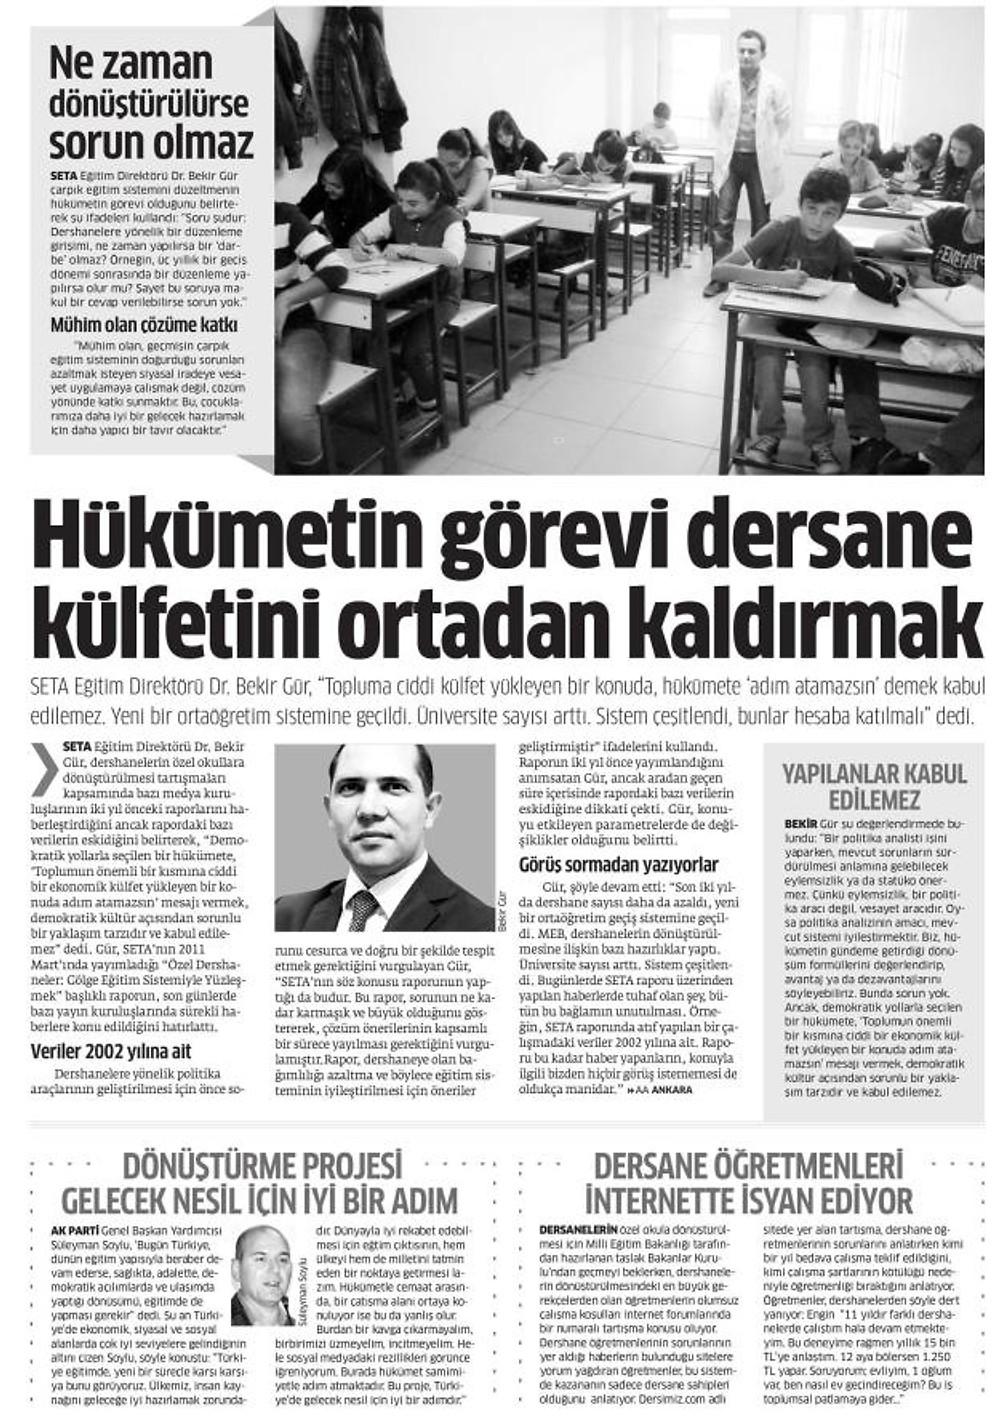 Dr. Bekir S. Gür, Star